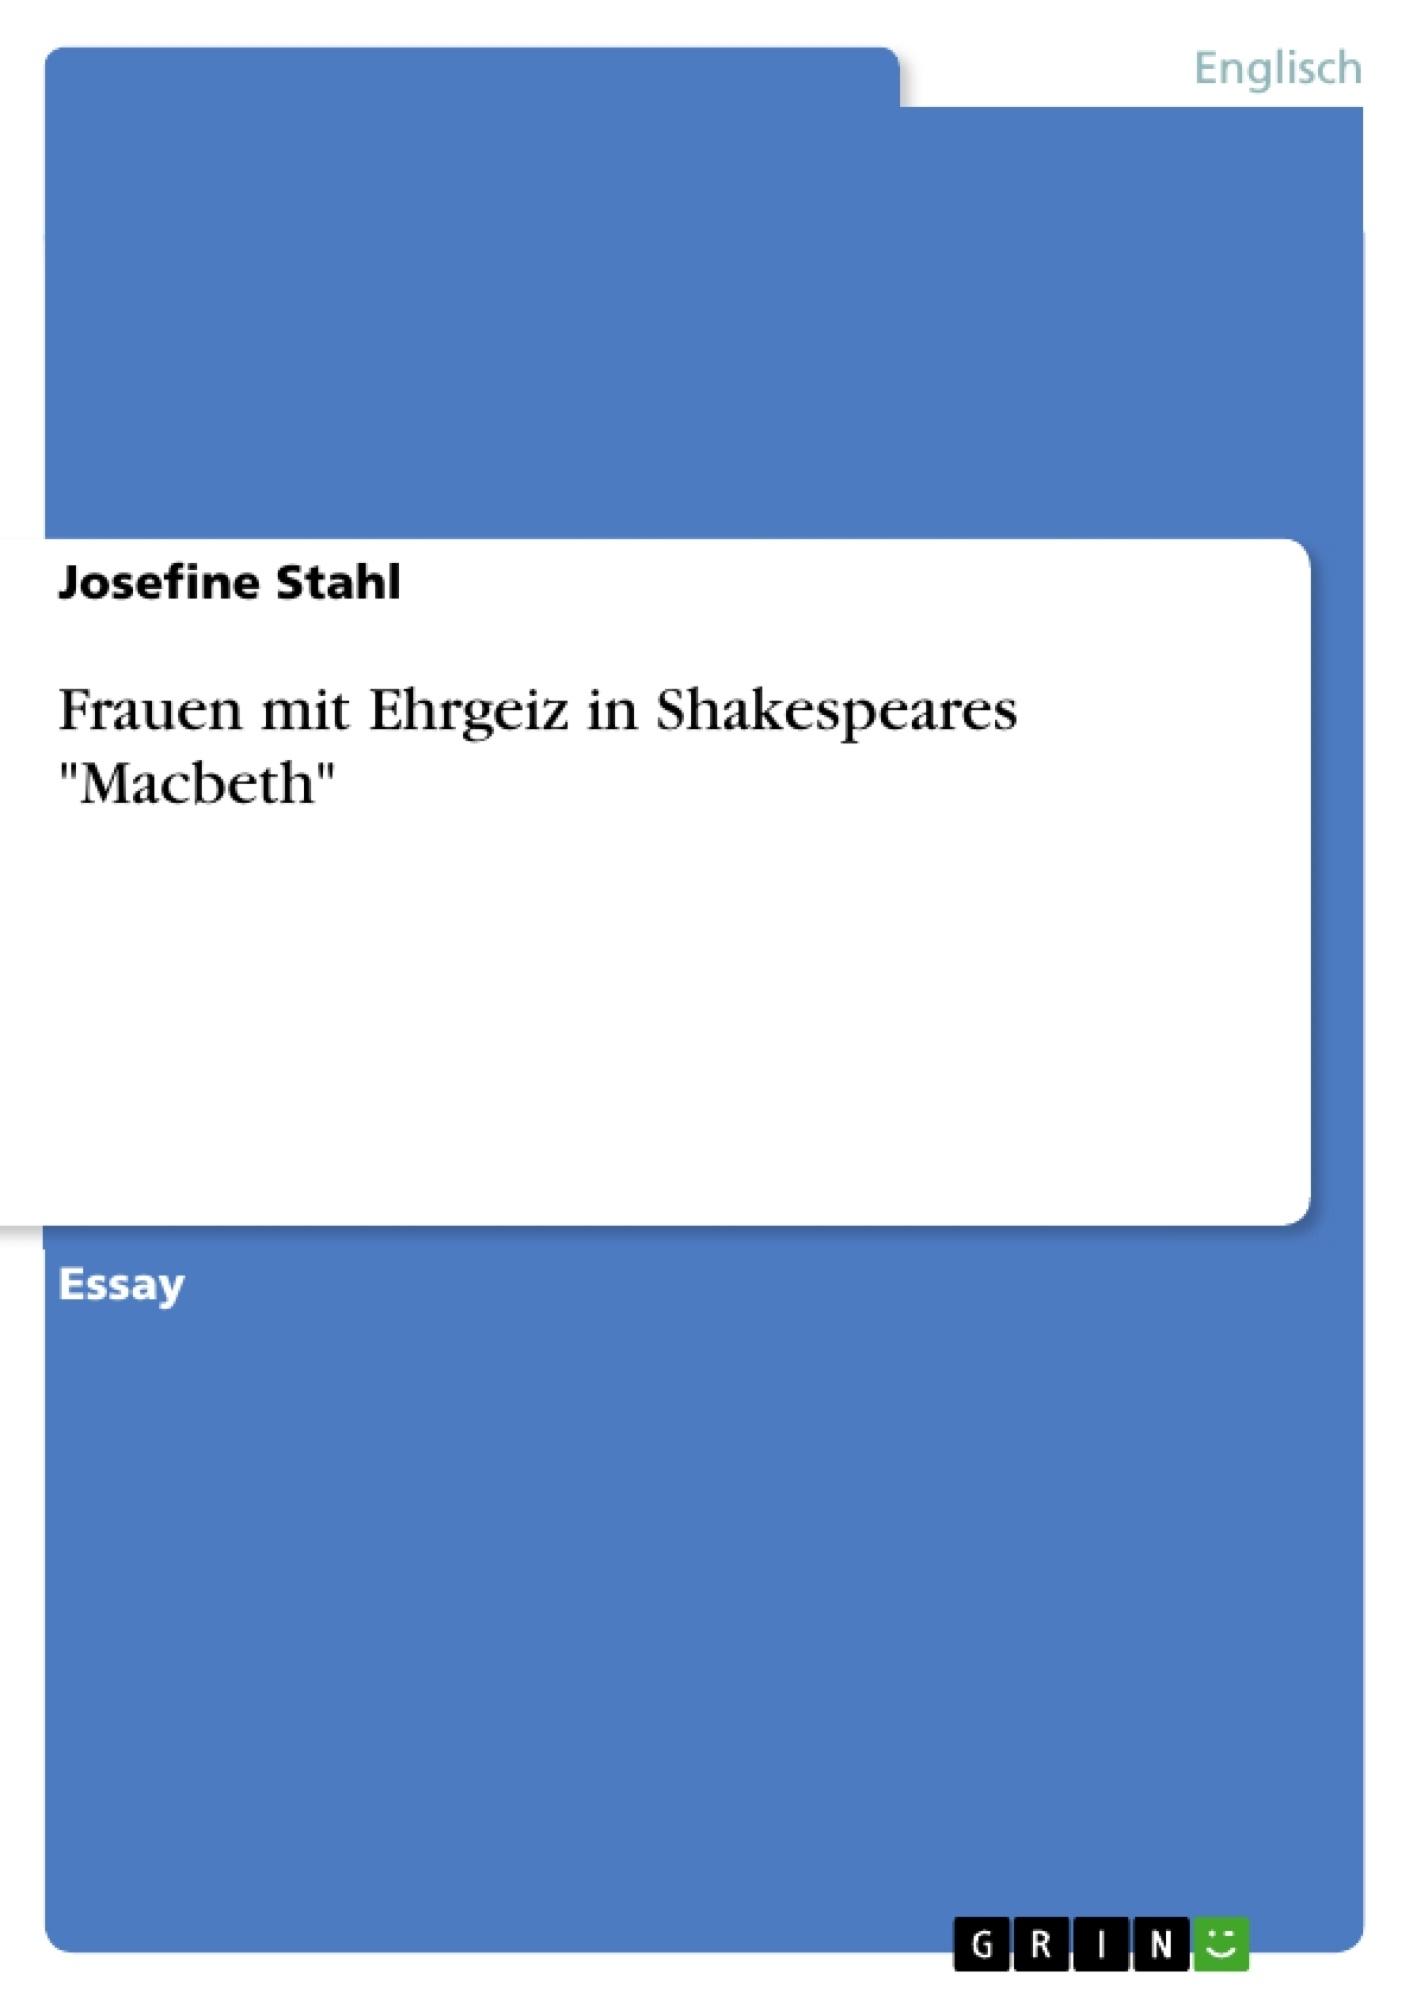 Frauen mit Ehrgeiz in Shakespeares